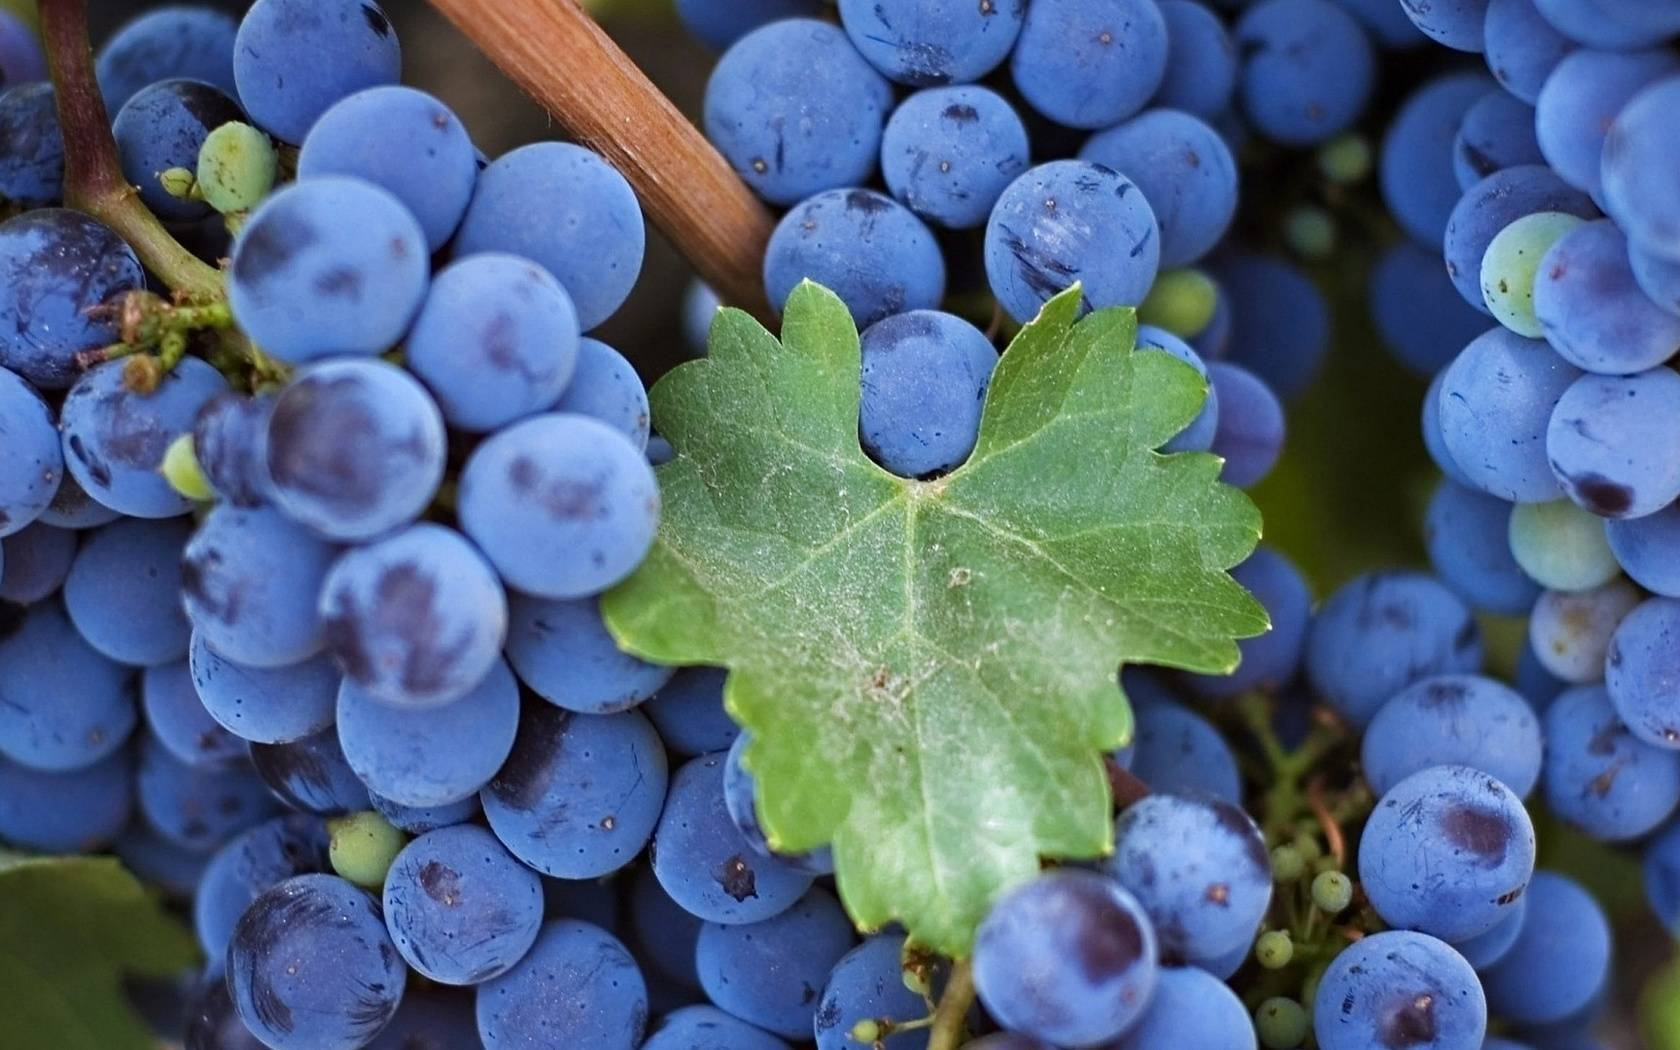 Виноград изабелла – описание сорта с фото; его польза и вред для организма